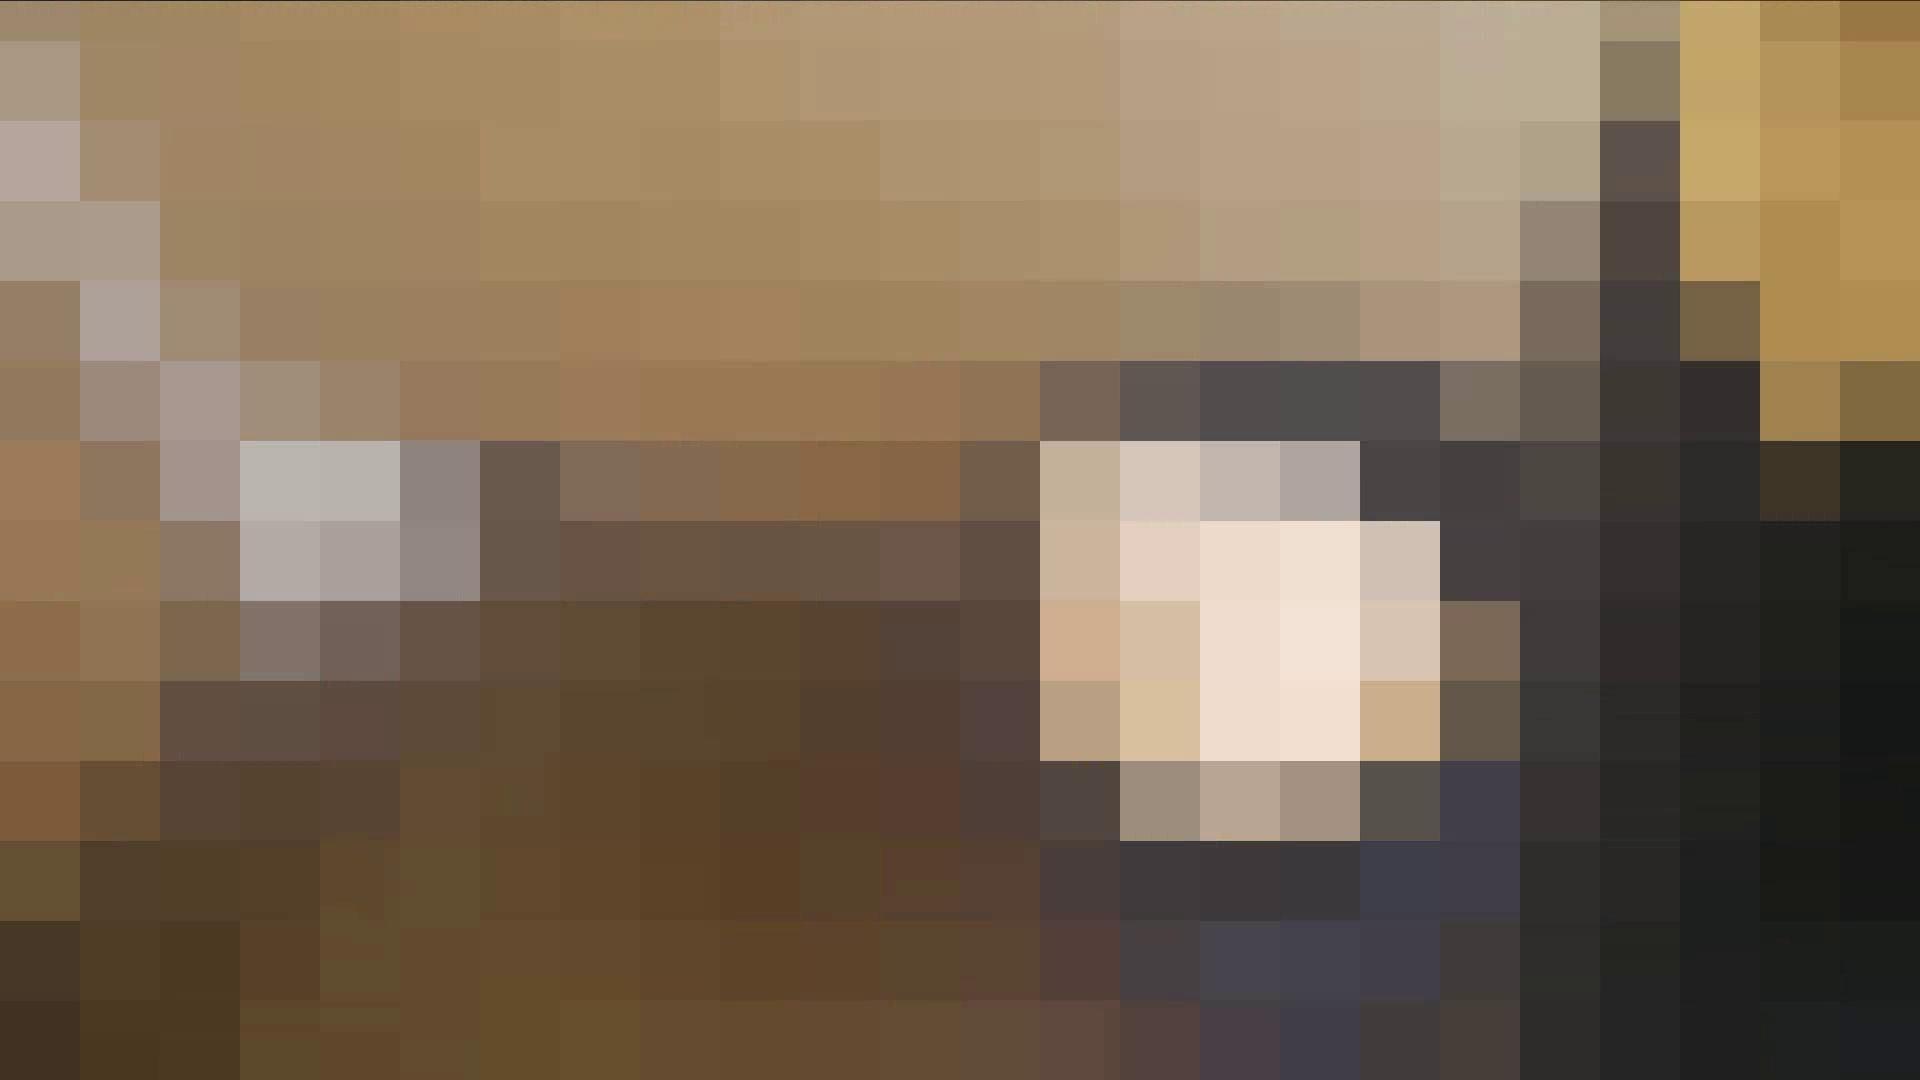 阿国ちゃんの「和式洋式七変化」No.17 盛合せ エロ無料画像 87画像 36